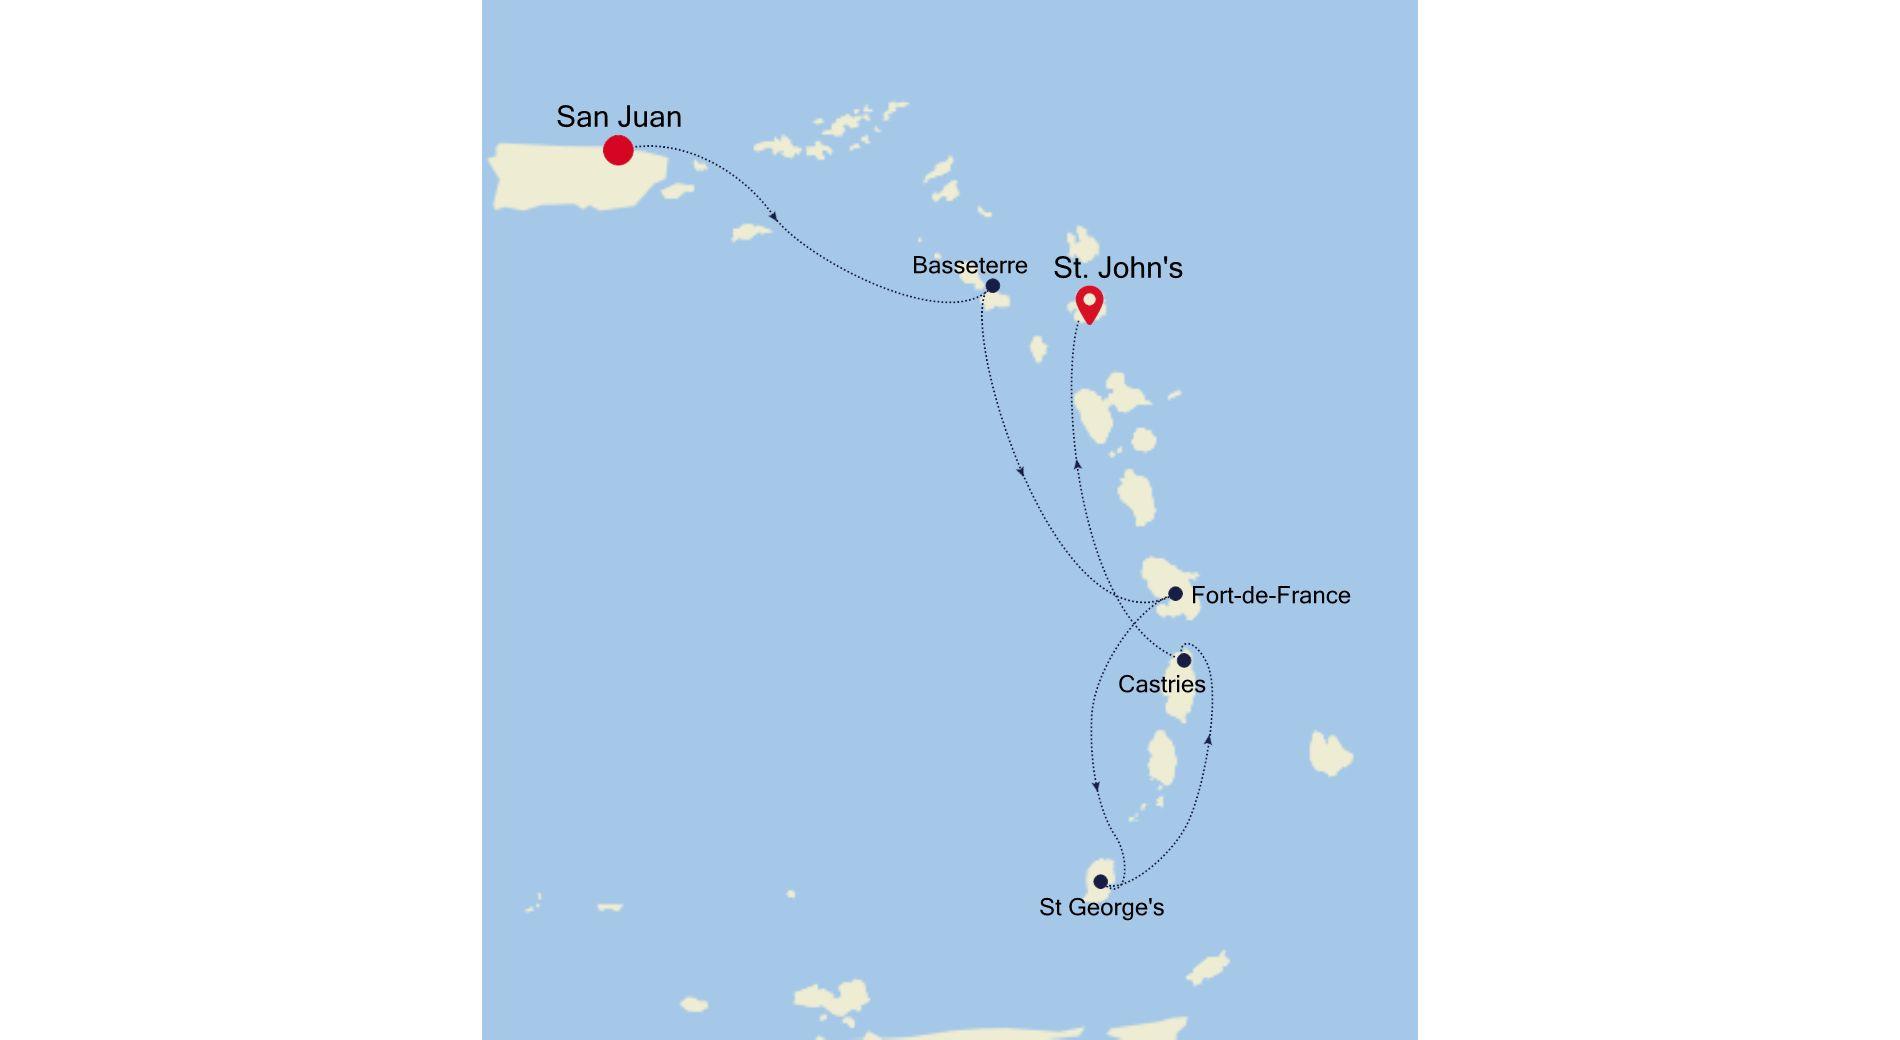 3935A - San Juan a St. John's